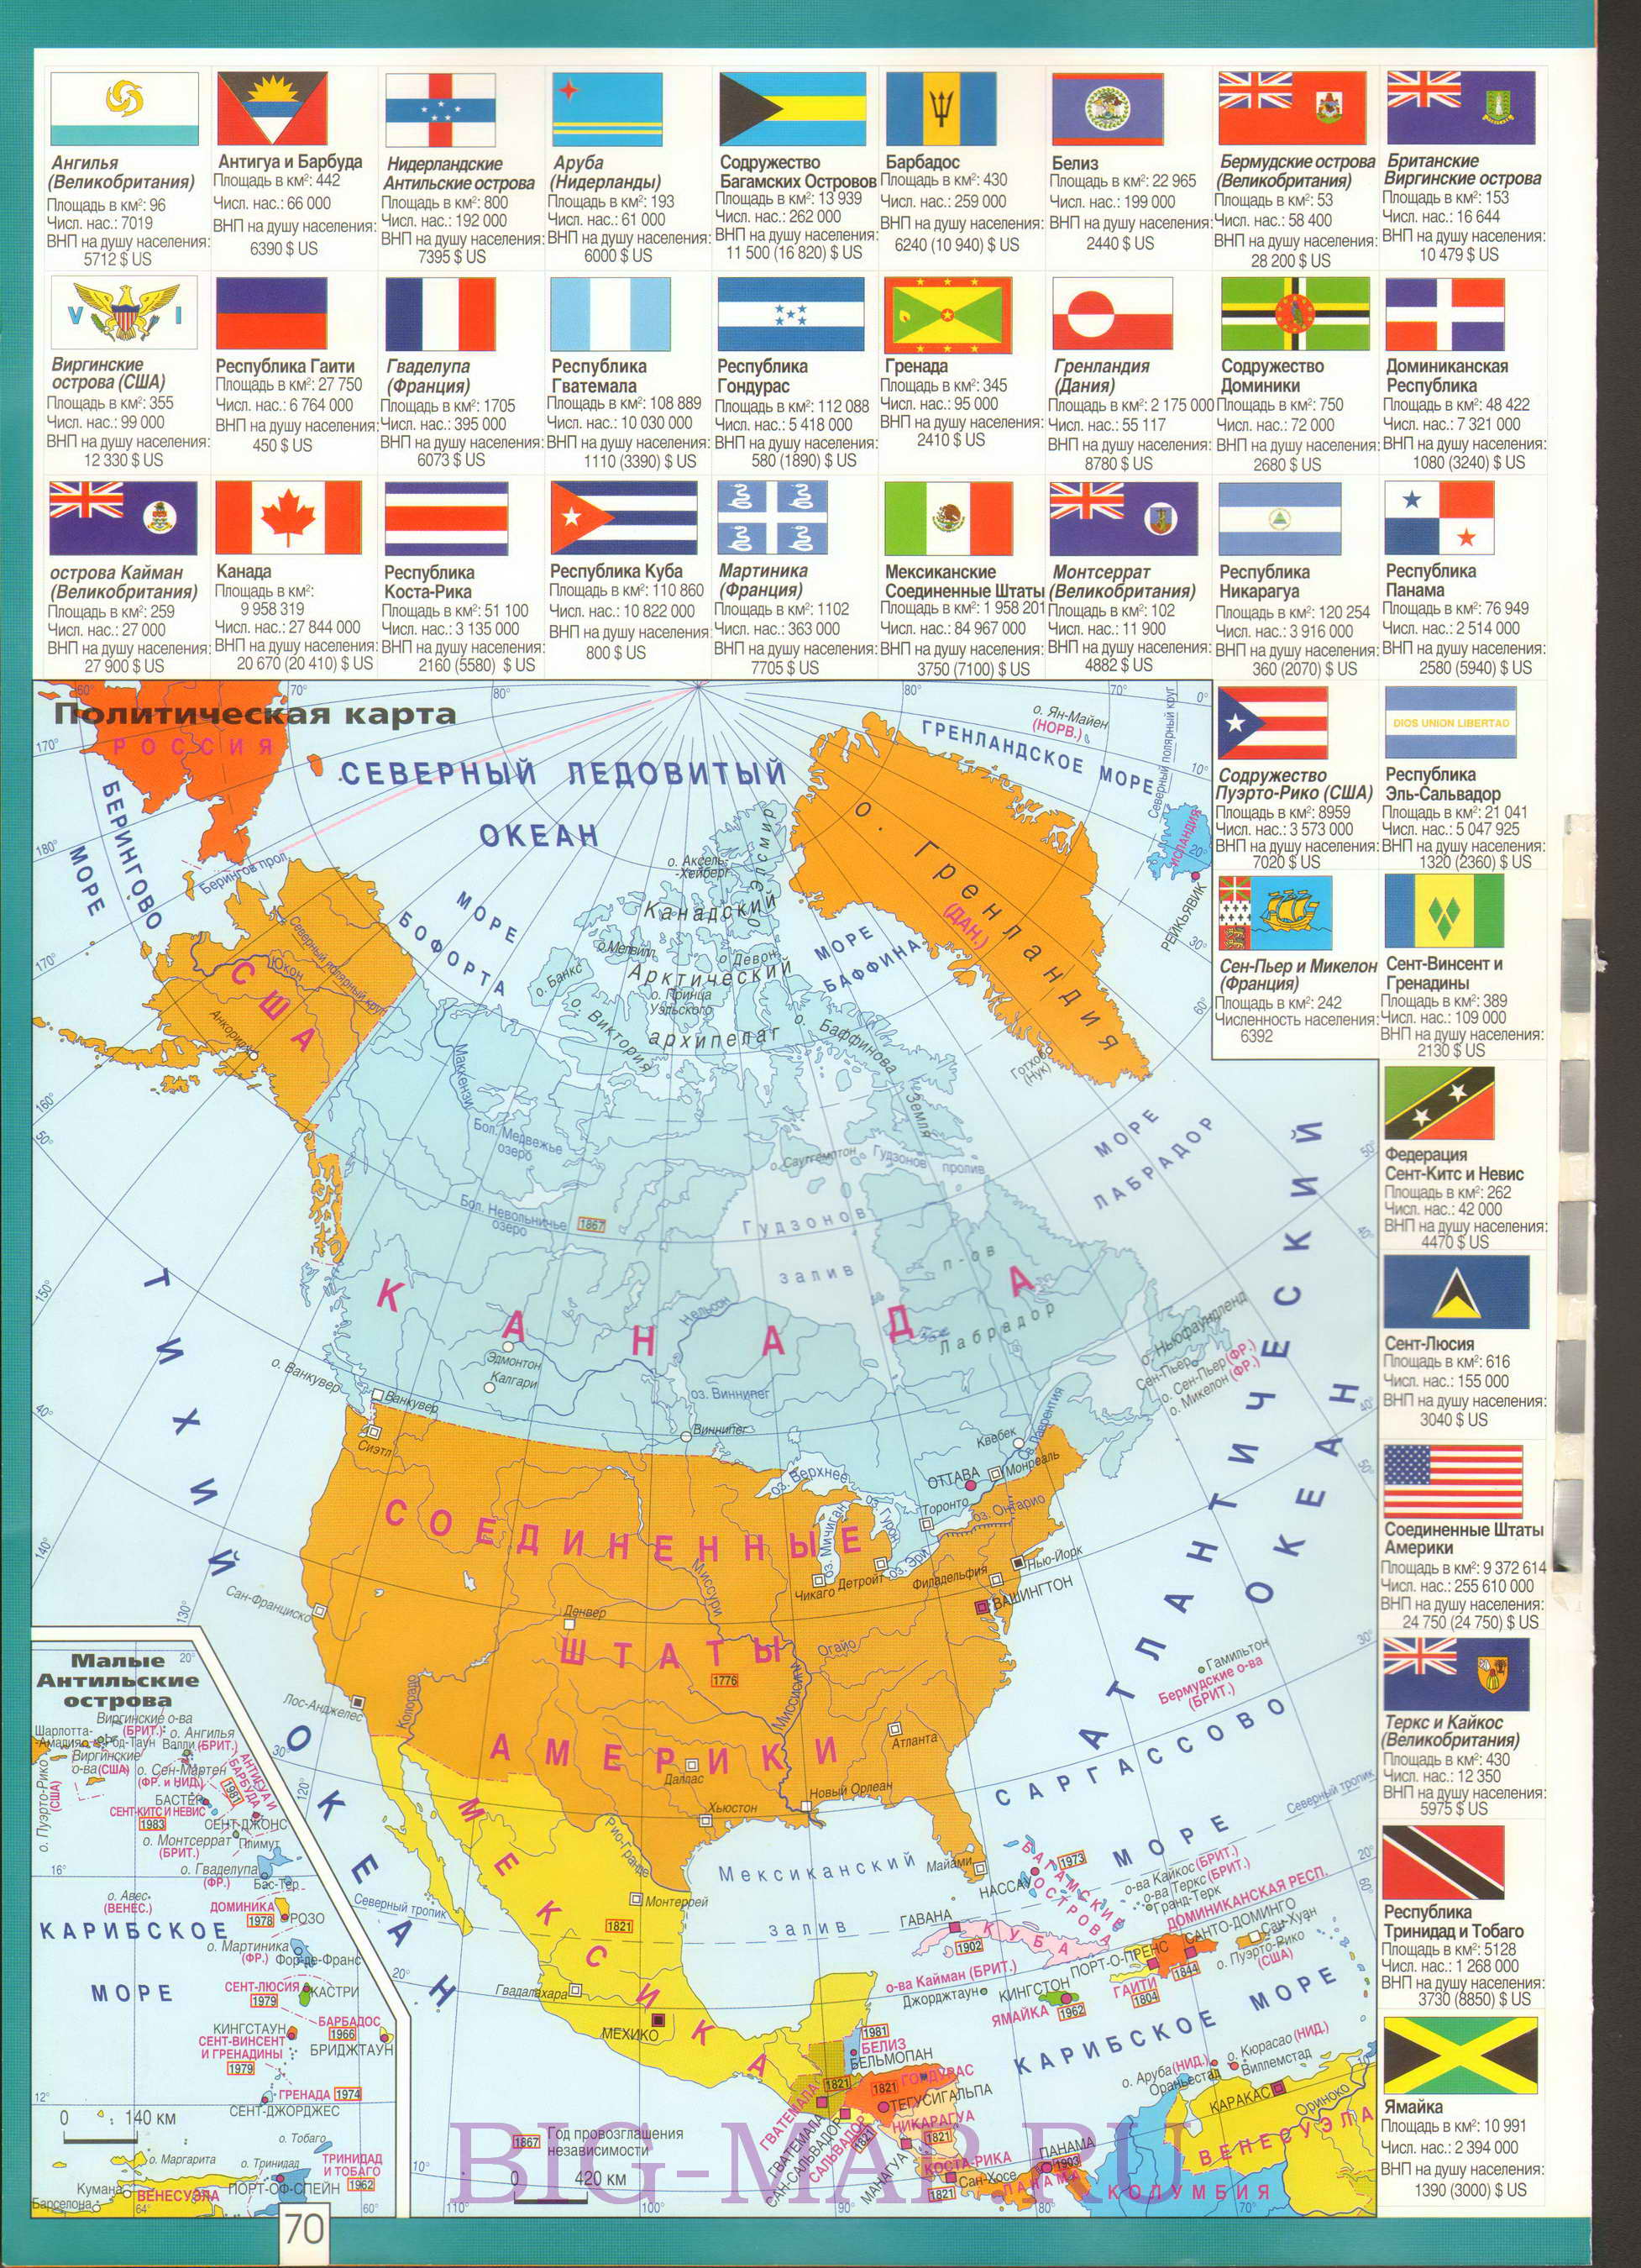 Америки на русском языке карта